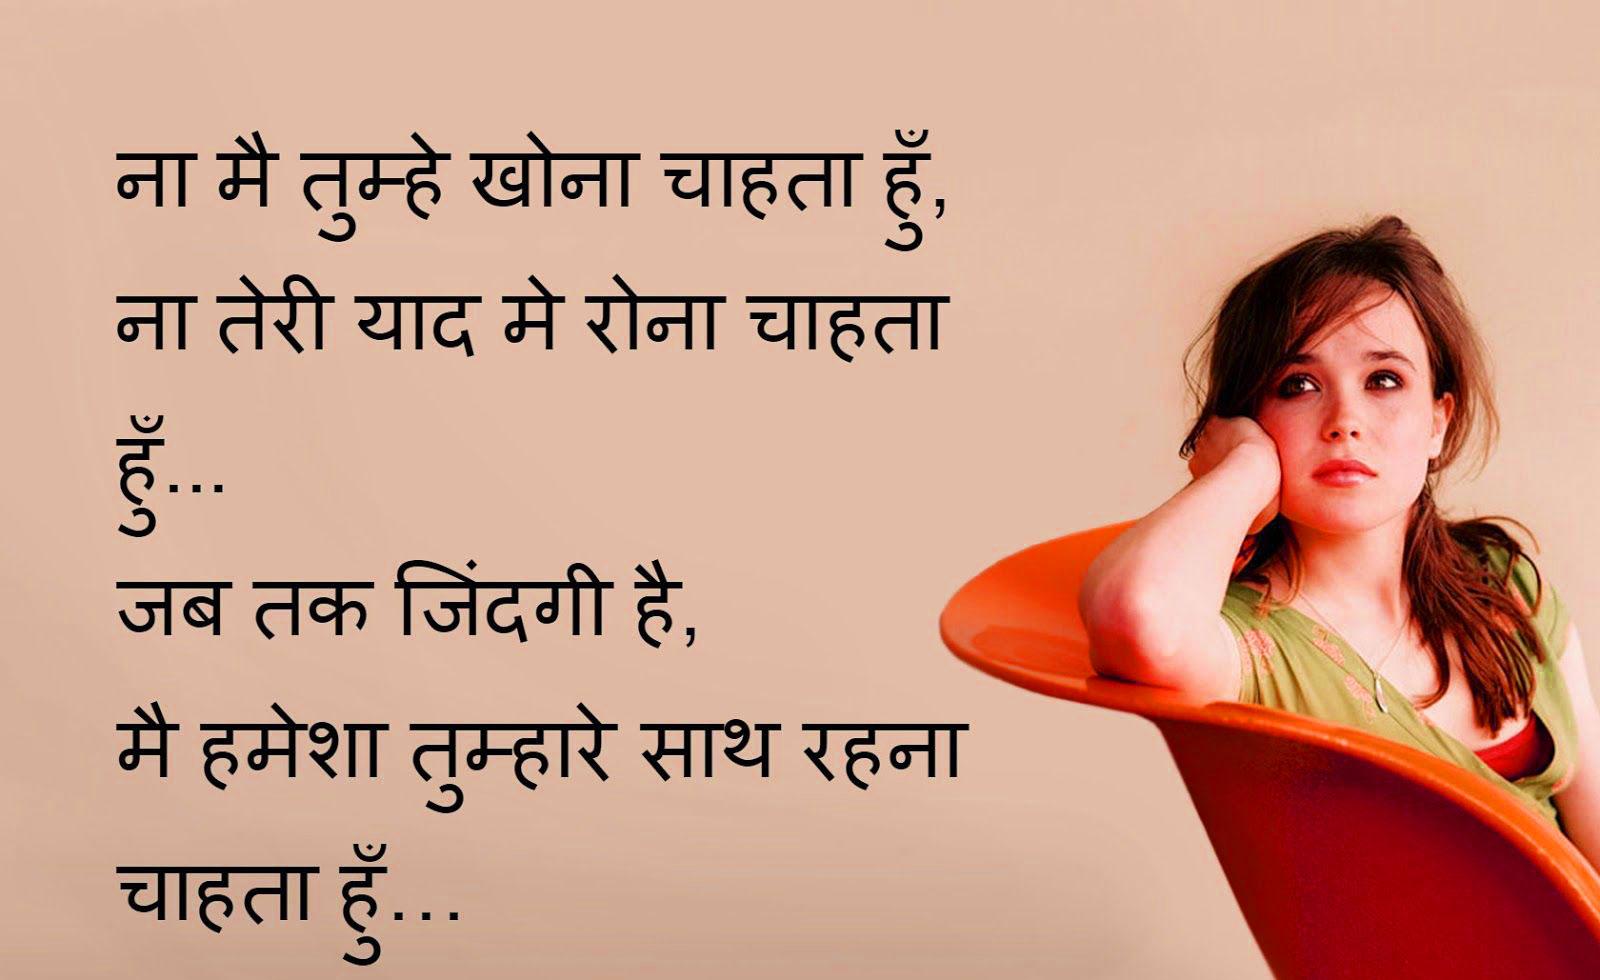 Best Hindi Love Shayari Quotes Whatsapp Status29